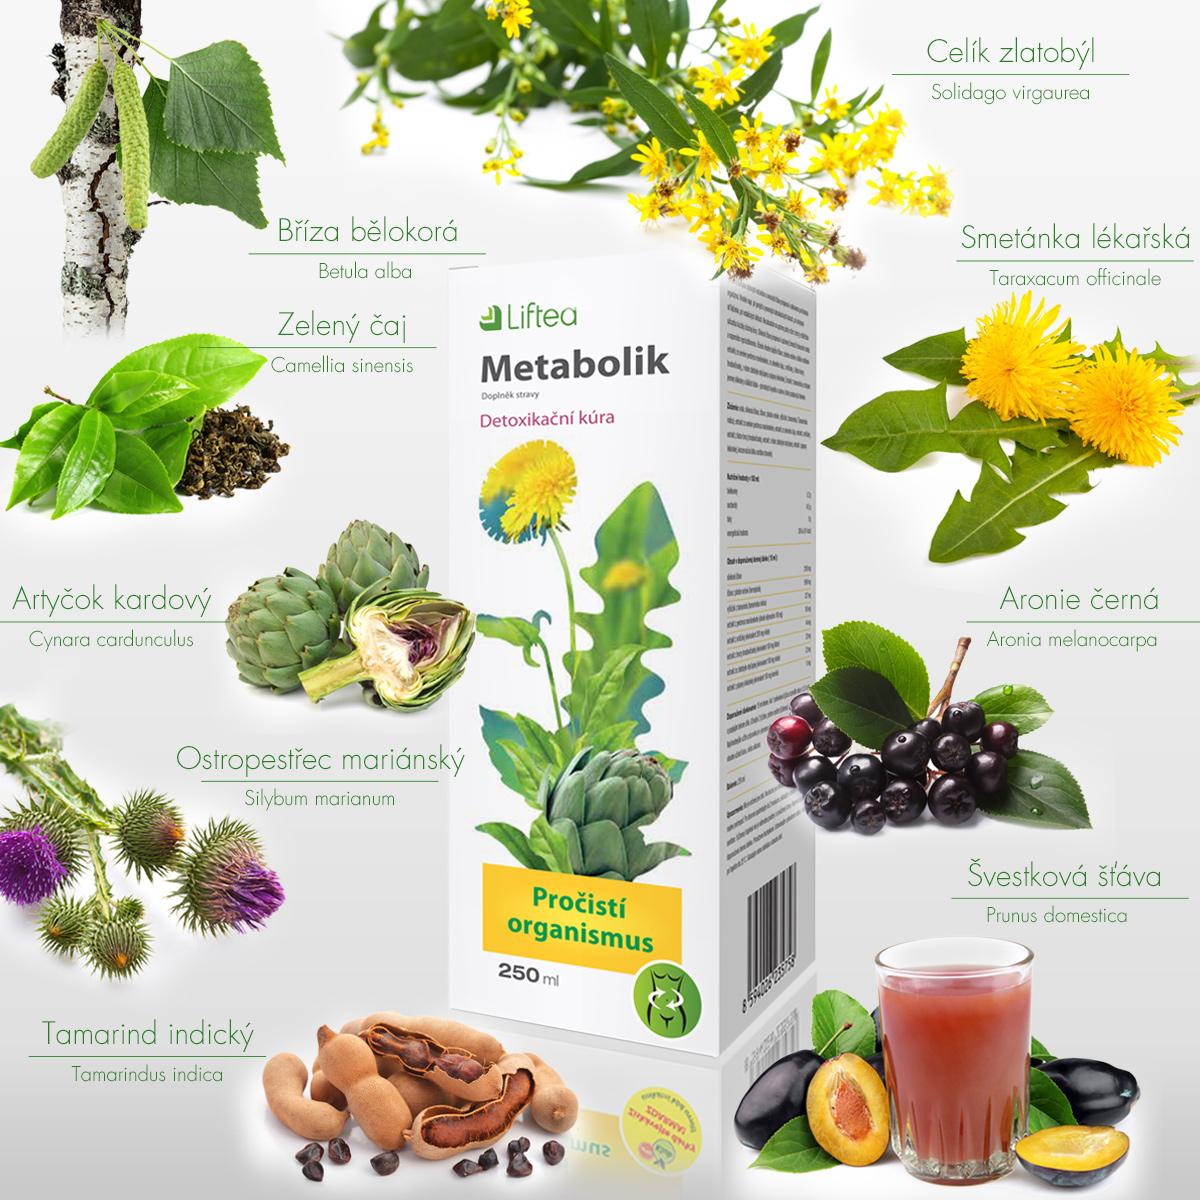 Organismus se díky bylinám, které Liftea Metabolic obsahuje, očistí od nahromaděných toxických látek a stane se odolnějším i proti nachlazení.